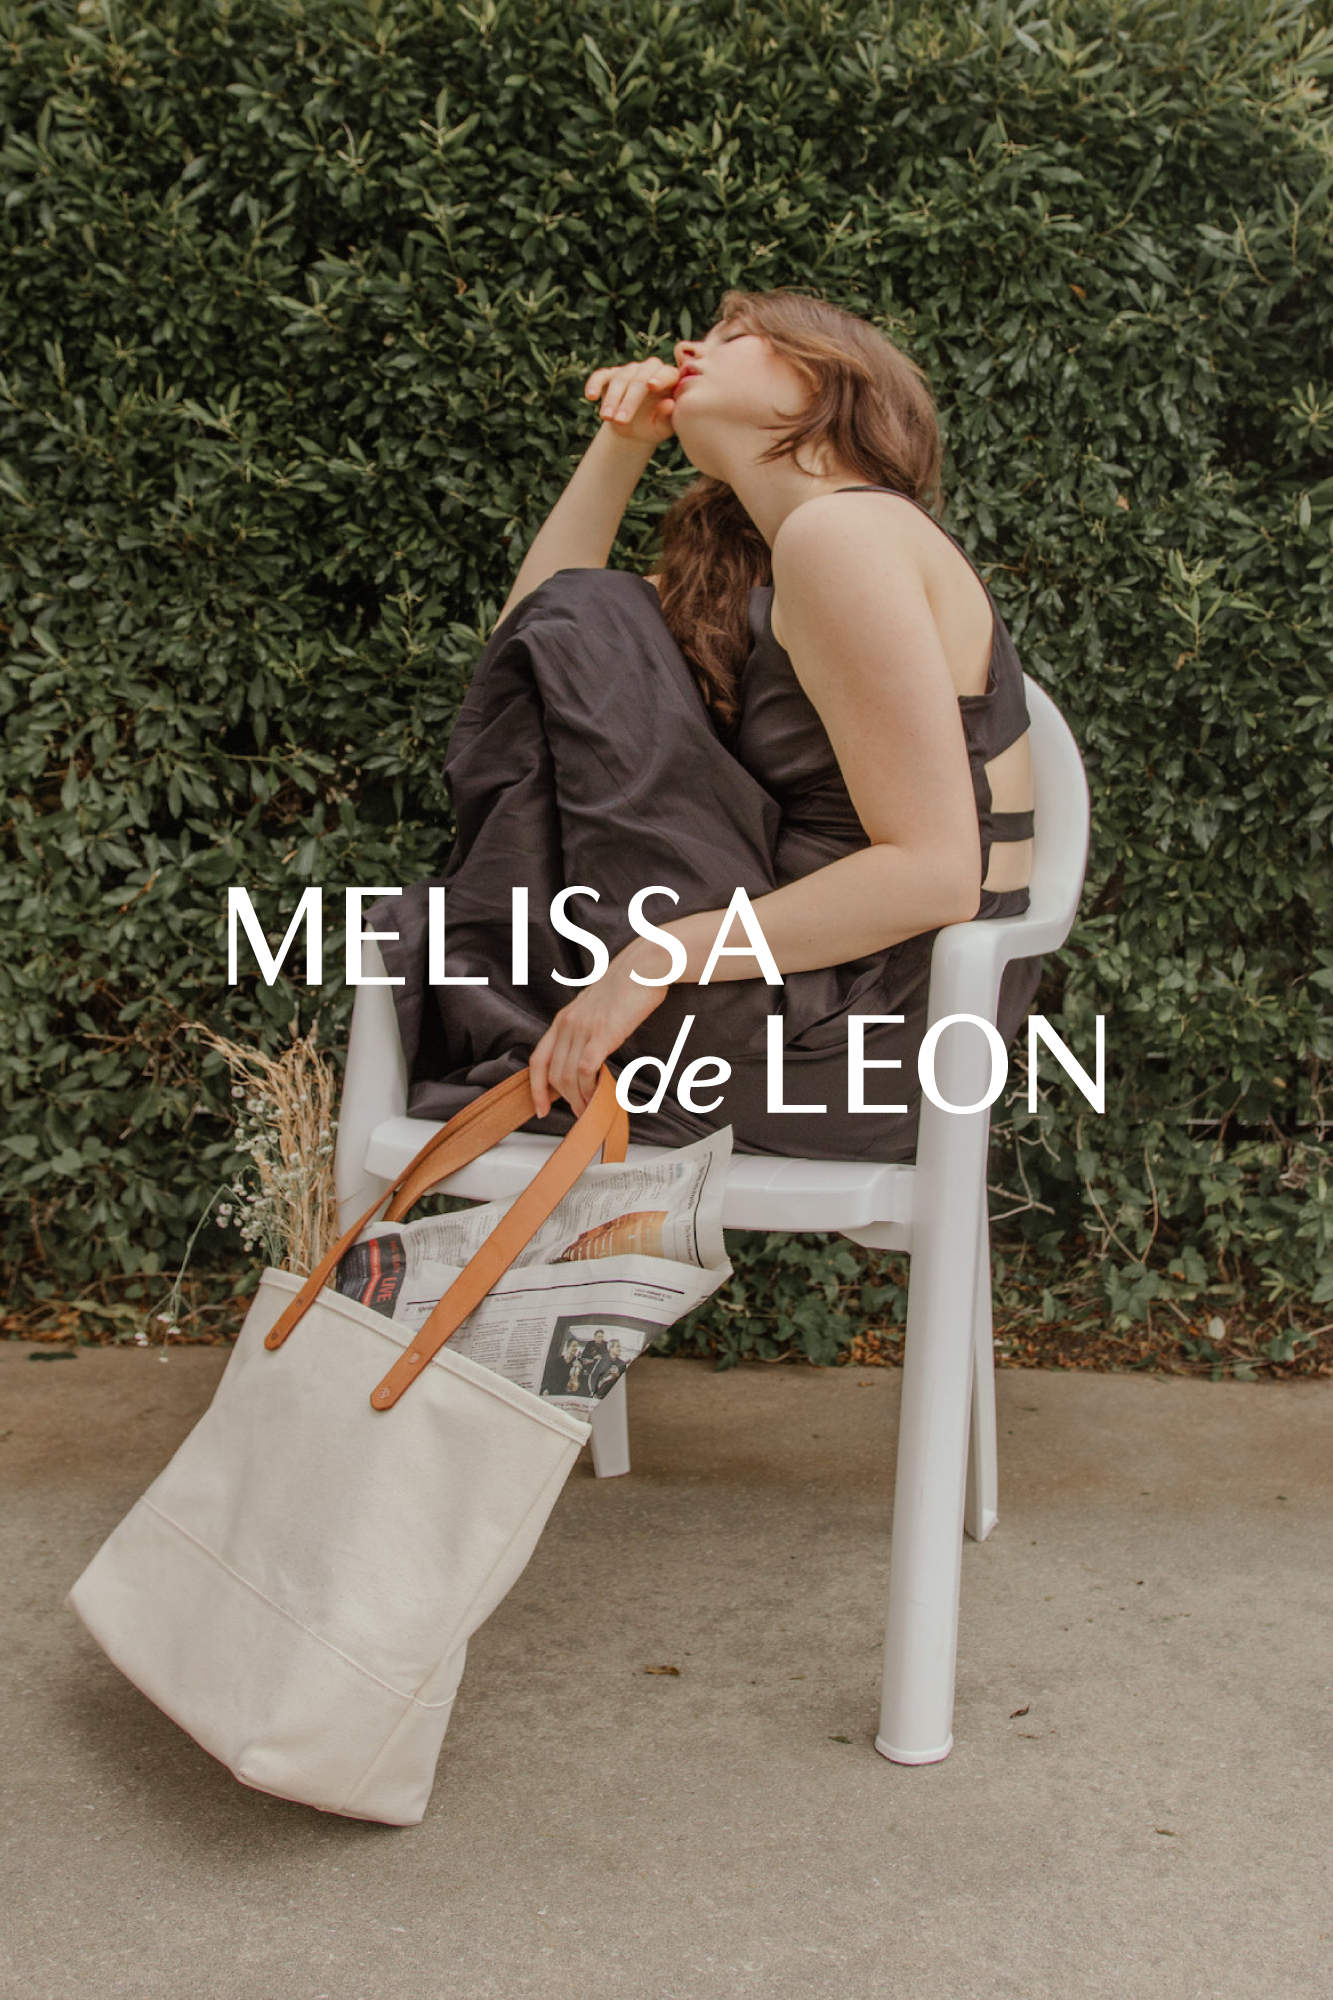 MelissadeLeon-07-01.jpg